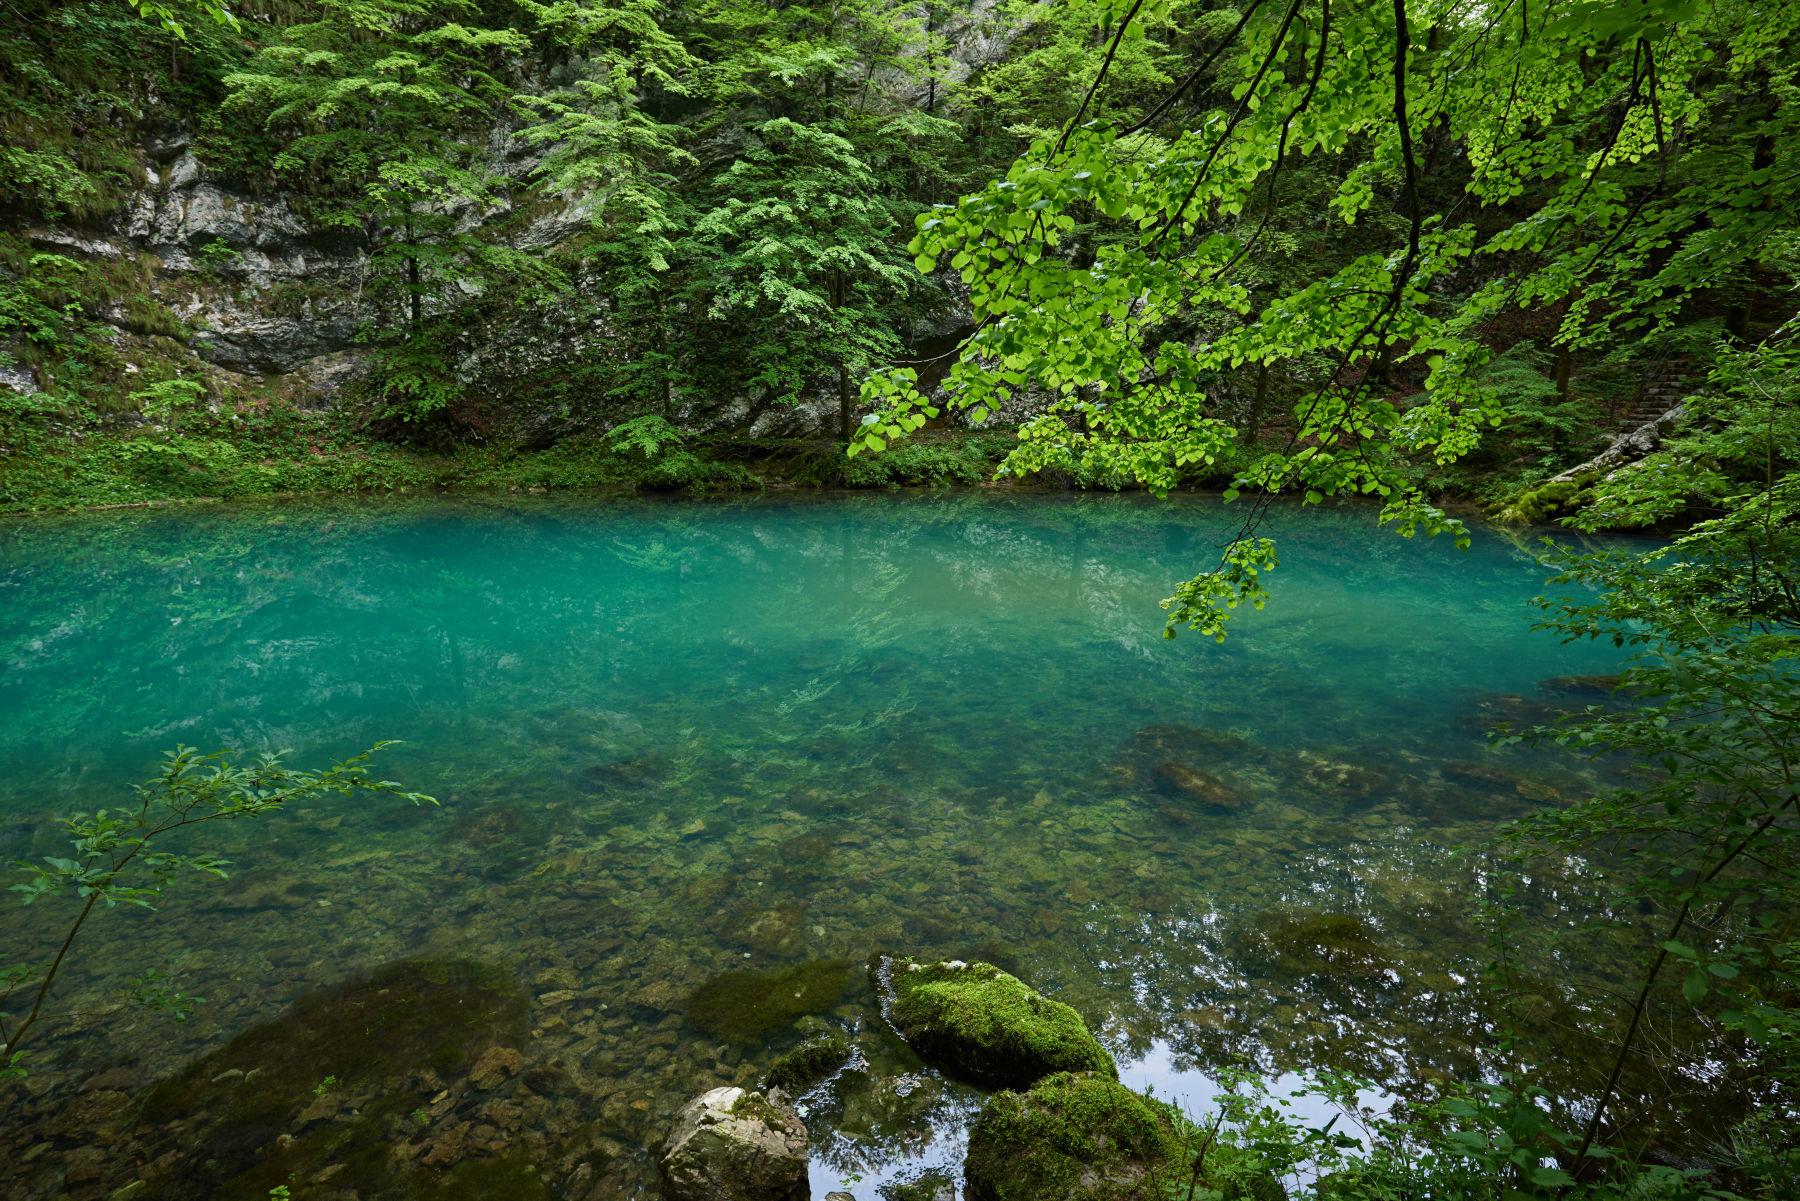 Wild lake photo